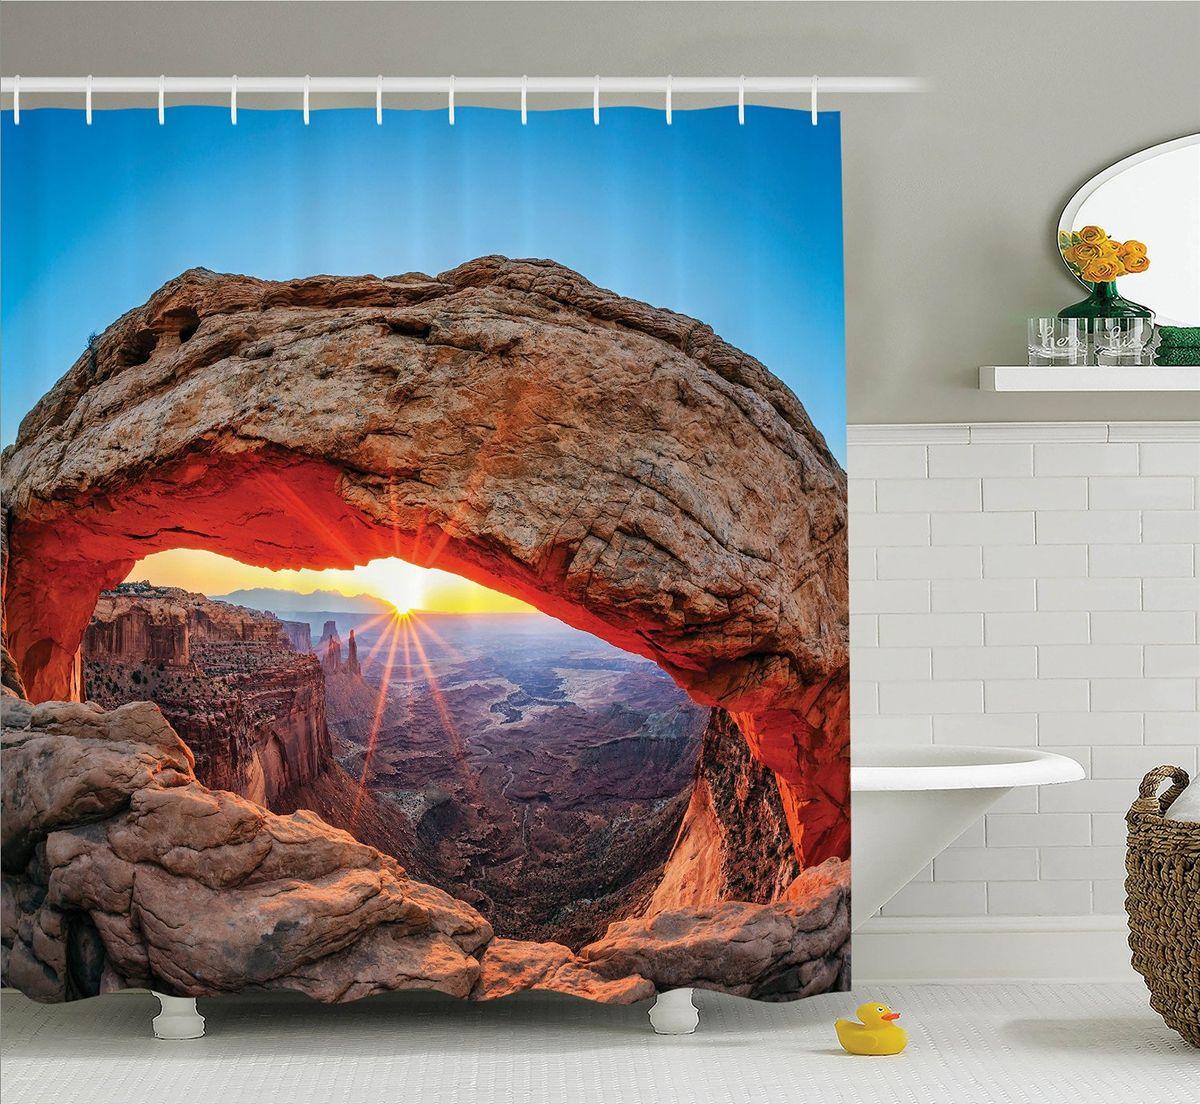 Штора для ванной комнаты Magic Lady Рассвет у арки Меса, 180 х 200 смPANTERA SPX-2RSШтора Magic Lady Рассвет у арки Меса, изготовленная из высококачественного сатена (полиэстер 100%), отлично дополнит любой интерьер ванной комнаты. При изготовлении используются специальные гипоаллергенные чернила для прямой печати по ткани, безопасные для человека.В комплекте: 1 штора, 12 крючков. Обращаем ваше внимание, фактический цвет изделия может незначительно отличаться от представленного на фото.